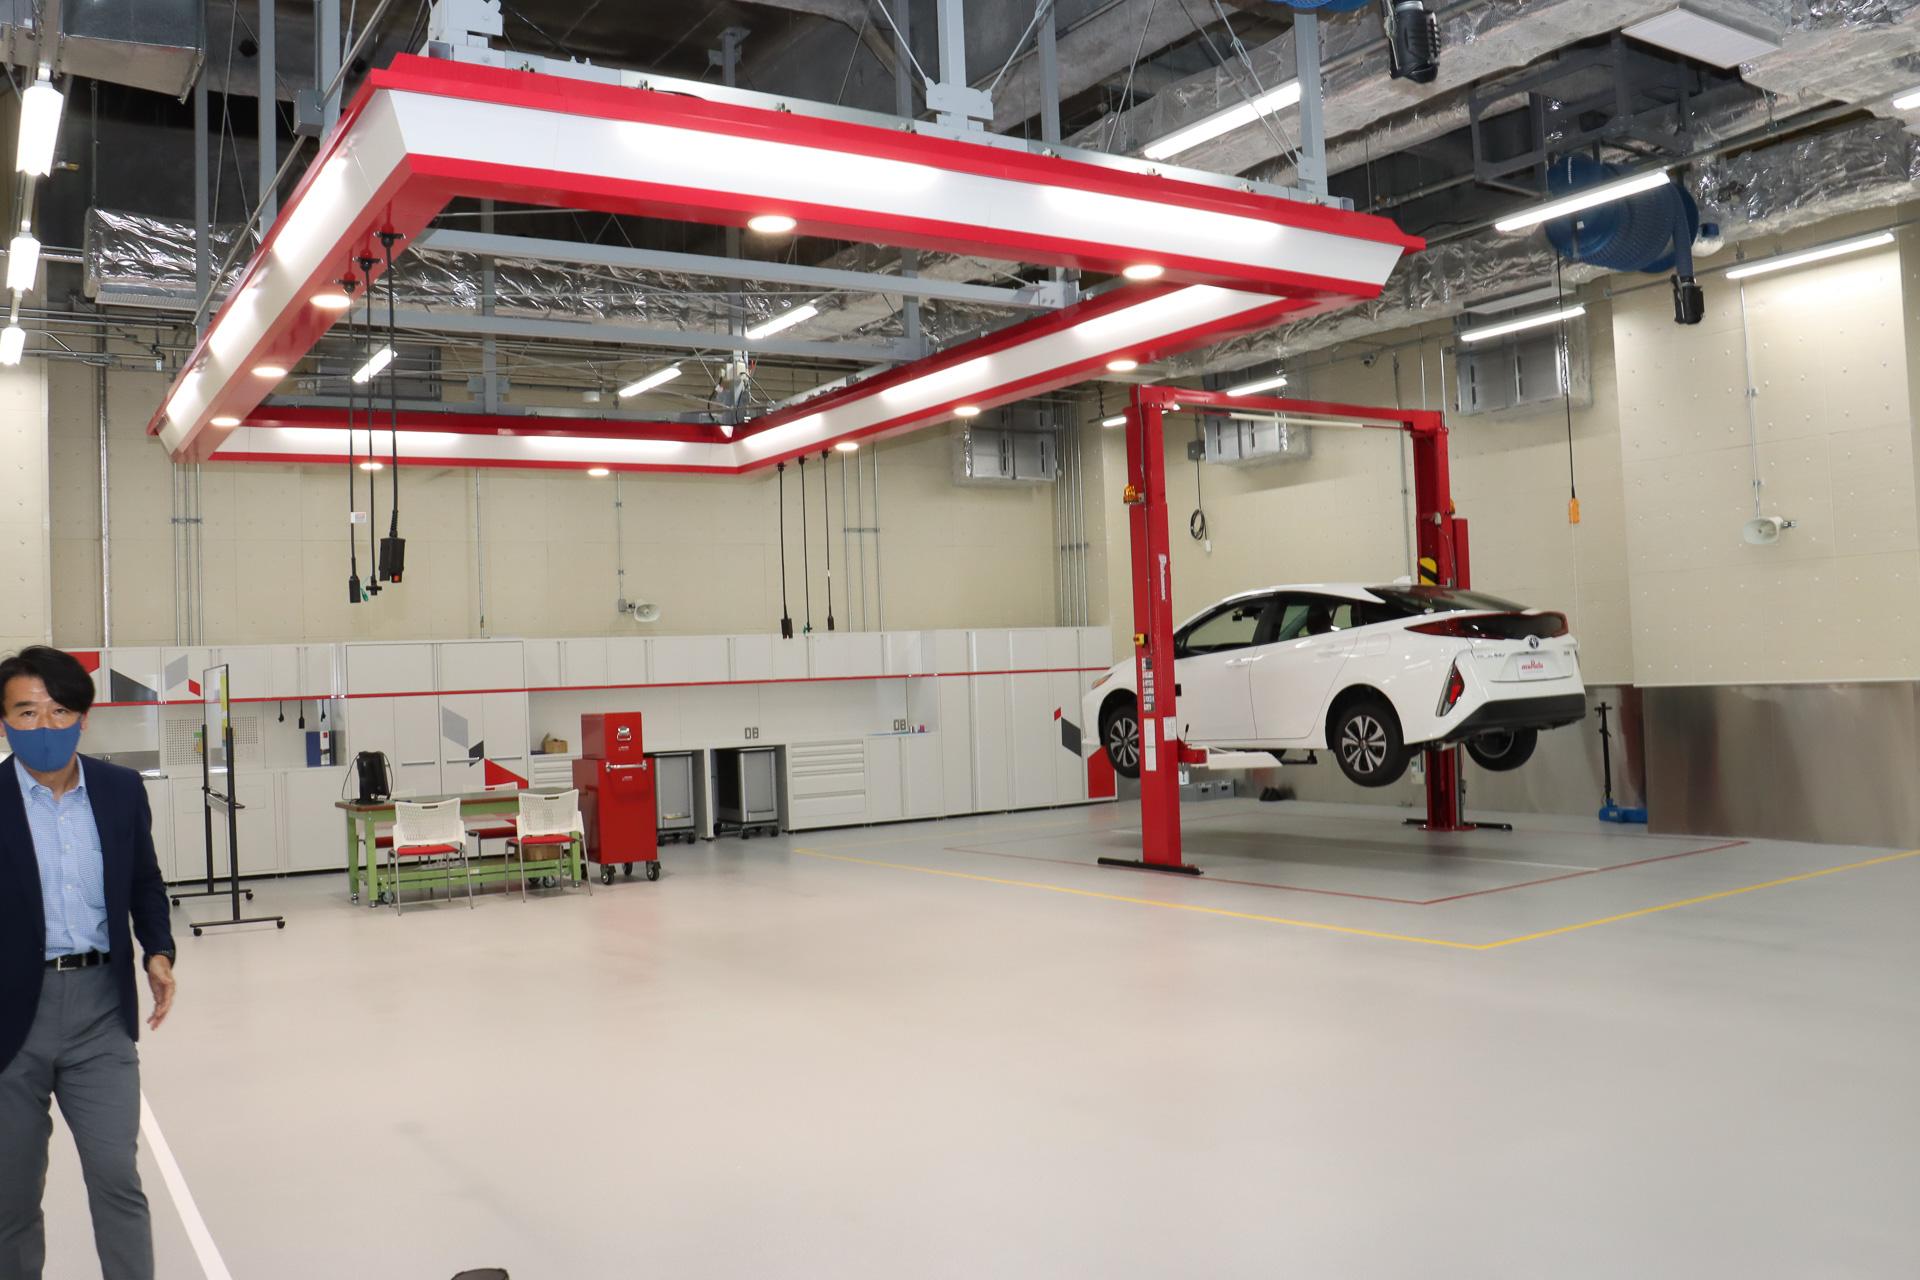 ピット施設では広いスペースに油圧式リフトを設置。この場でクルマの分解やパーツ取り付けなどさまざまな作業ができるようにして、次世代製品に求められる能力などを分析している